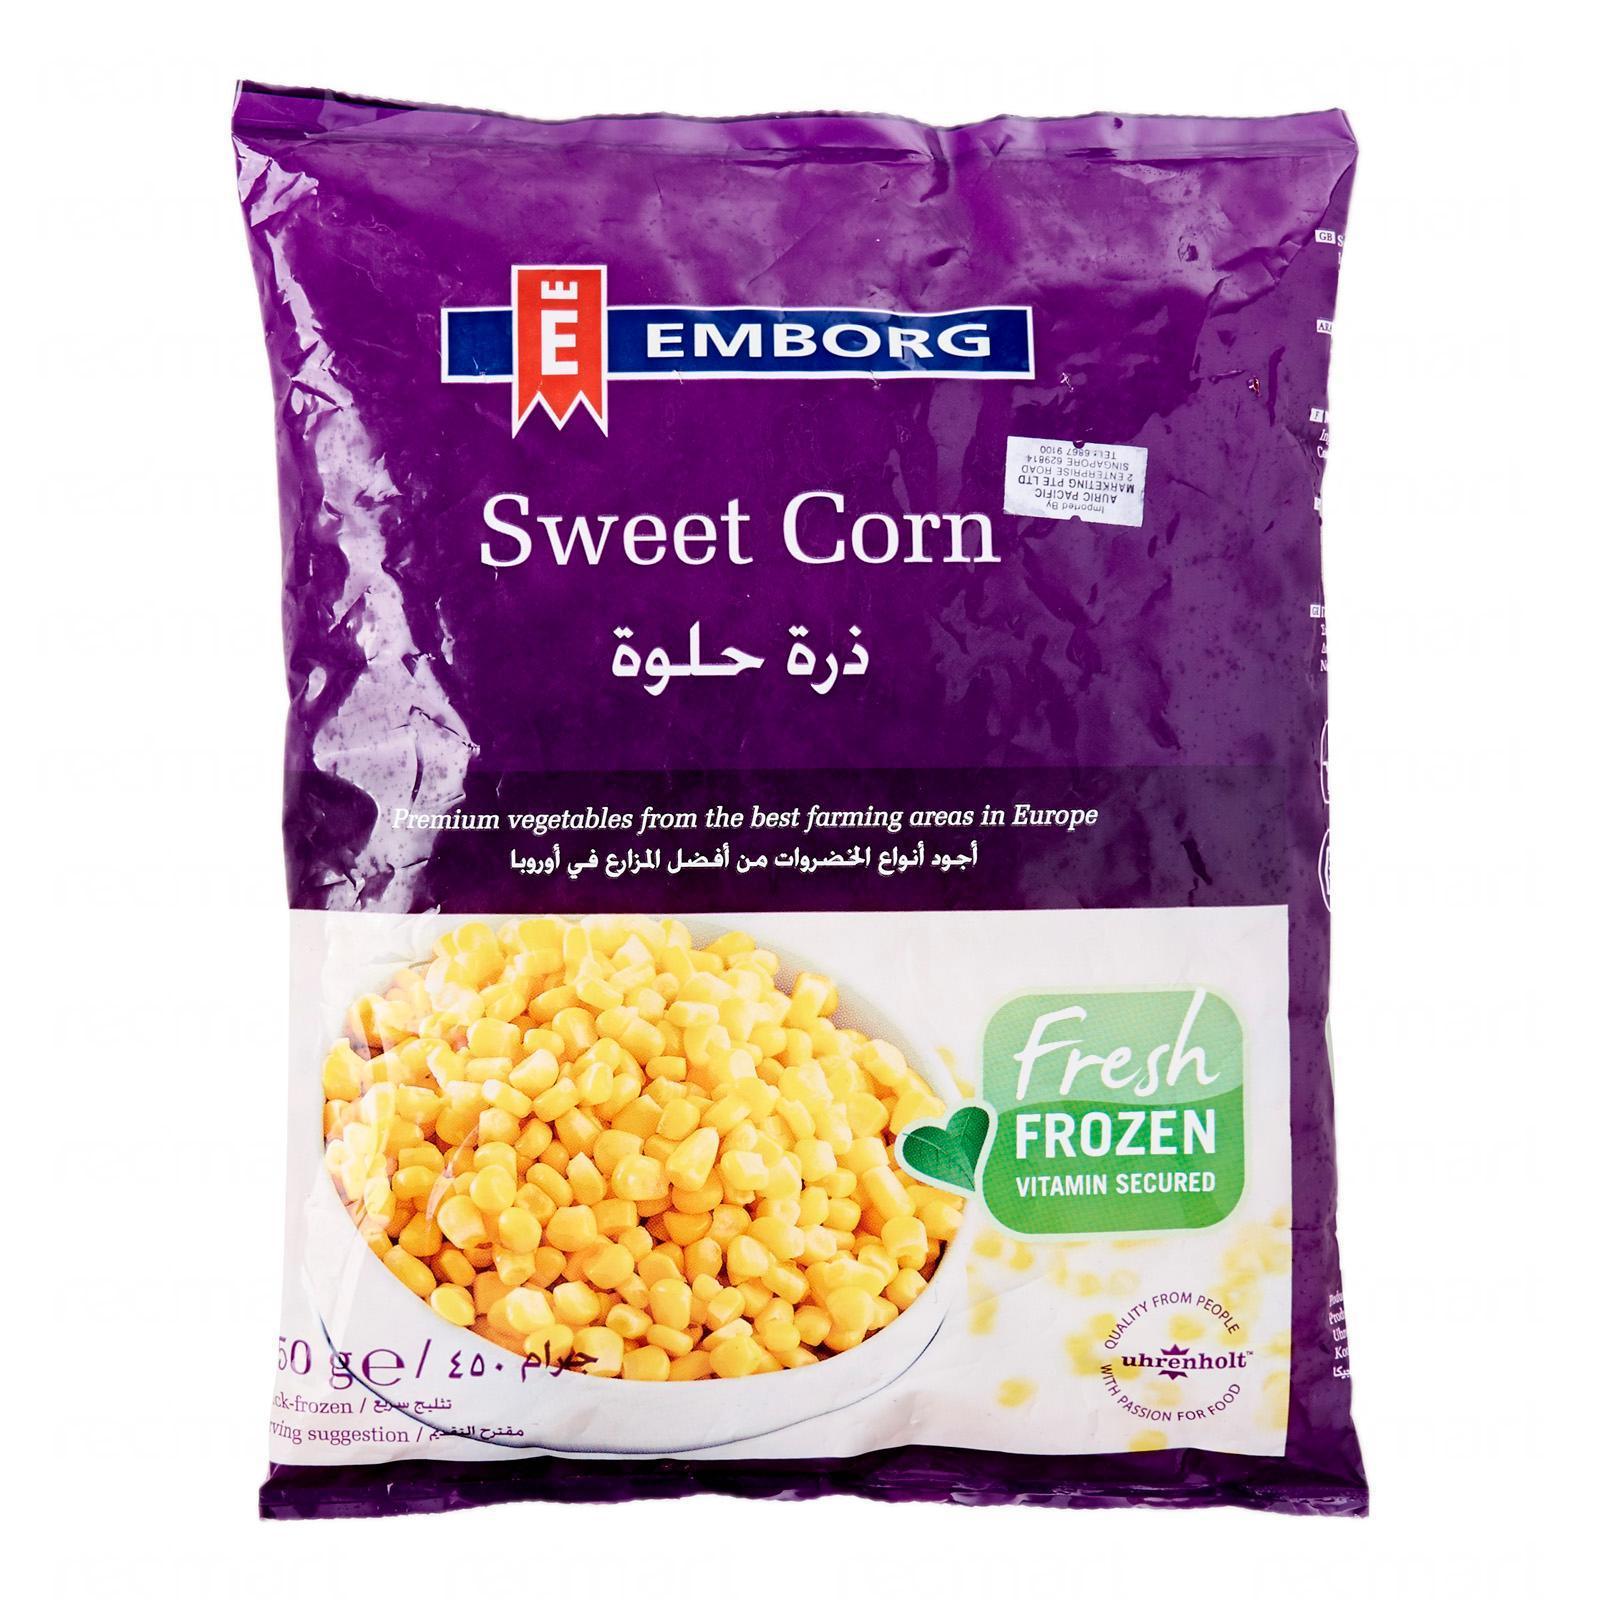 Emborg Sweet Corn - Frozen By Redmart.